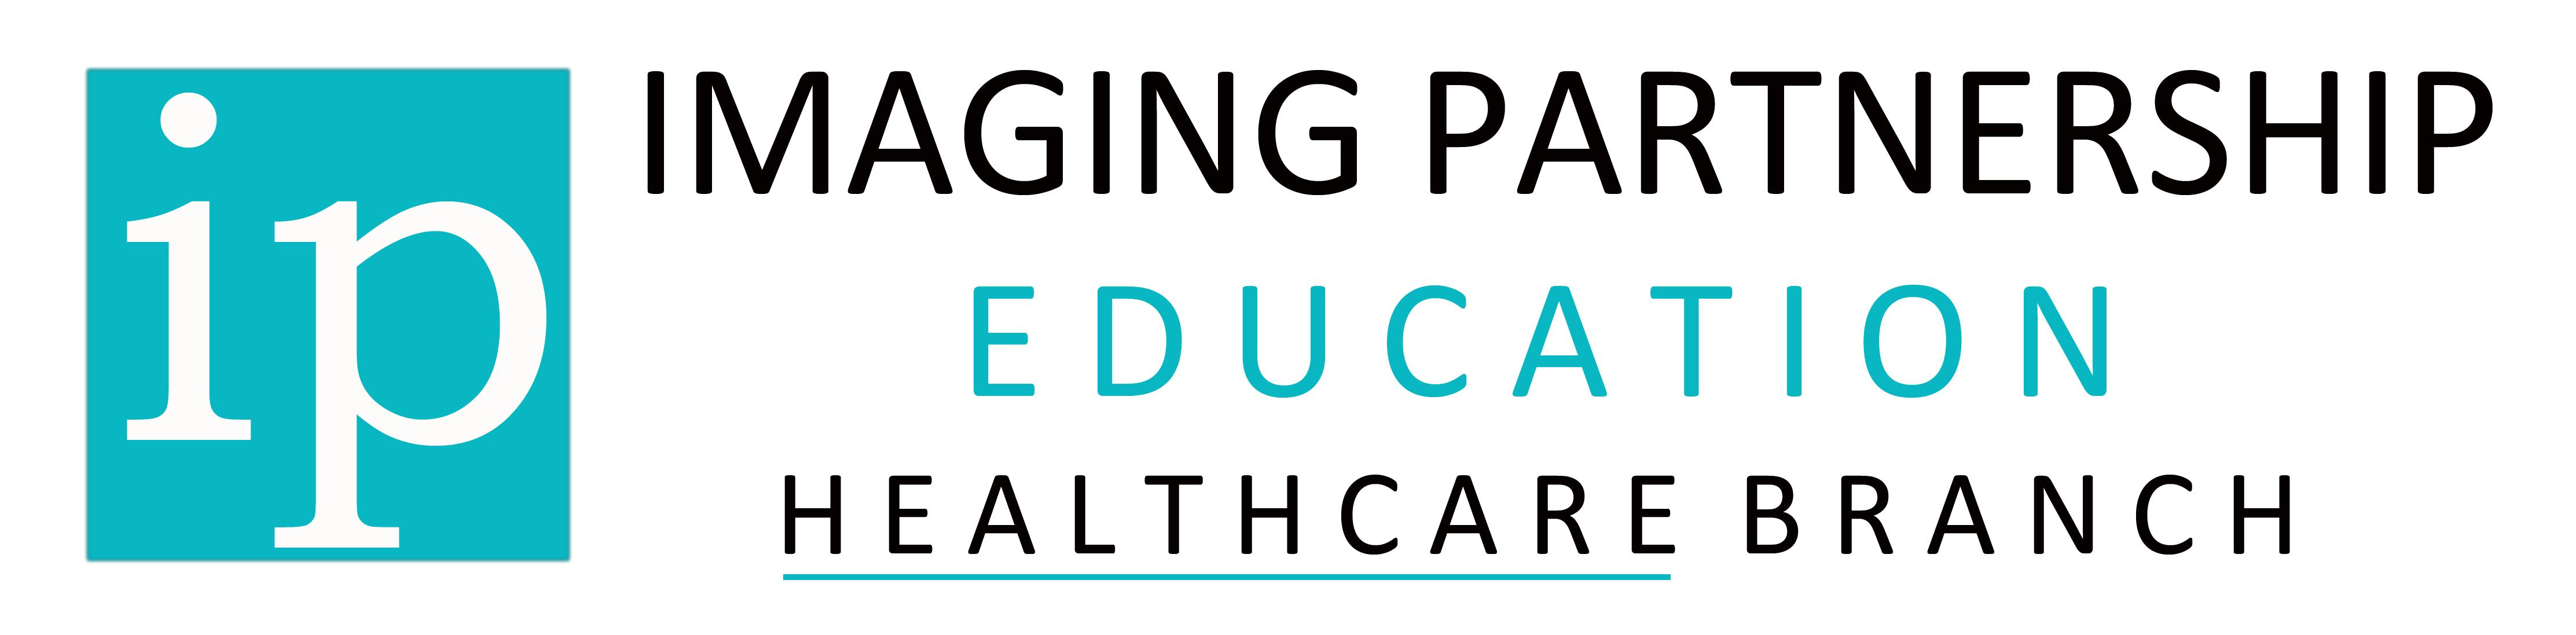 ip-education-healthcare-branch